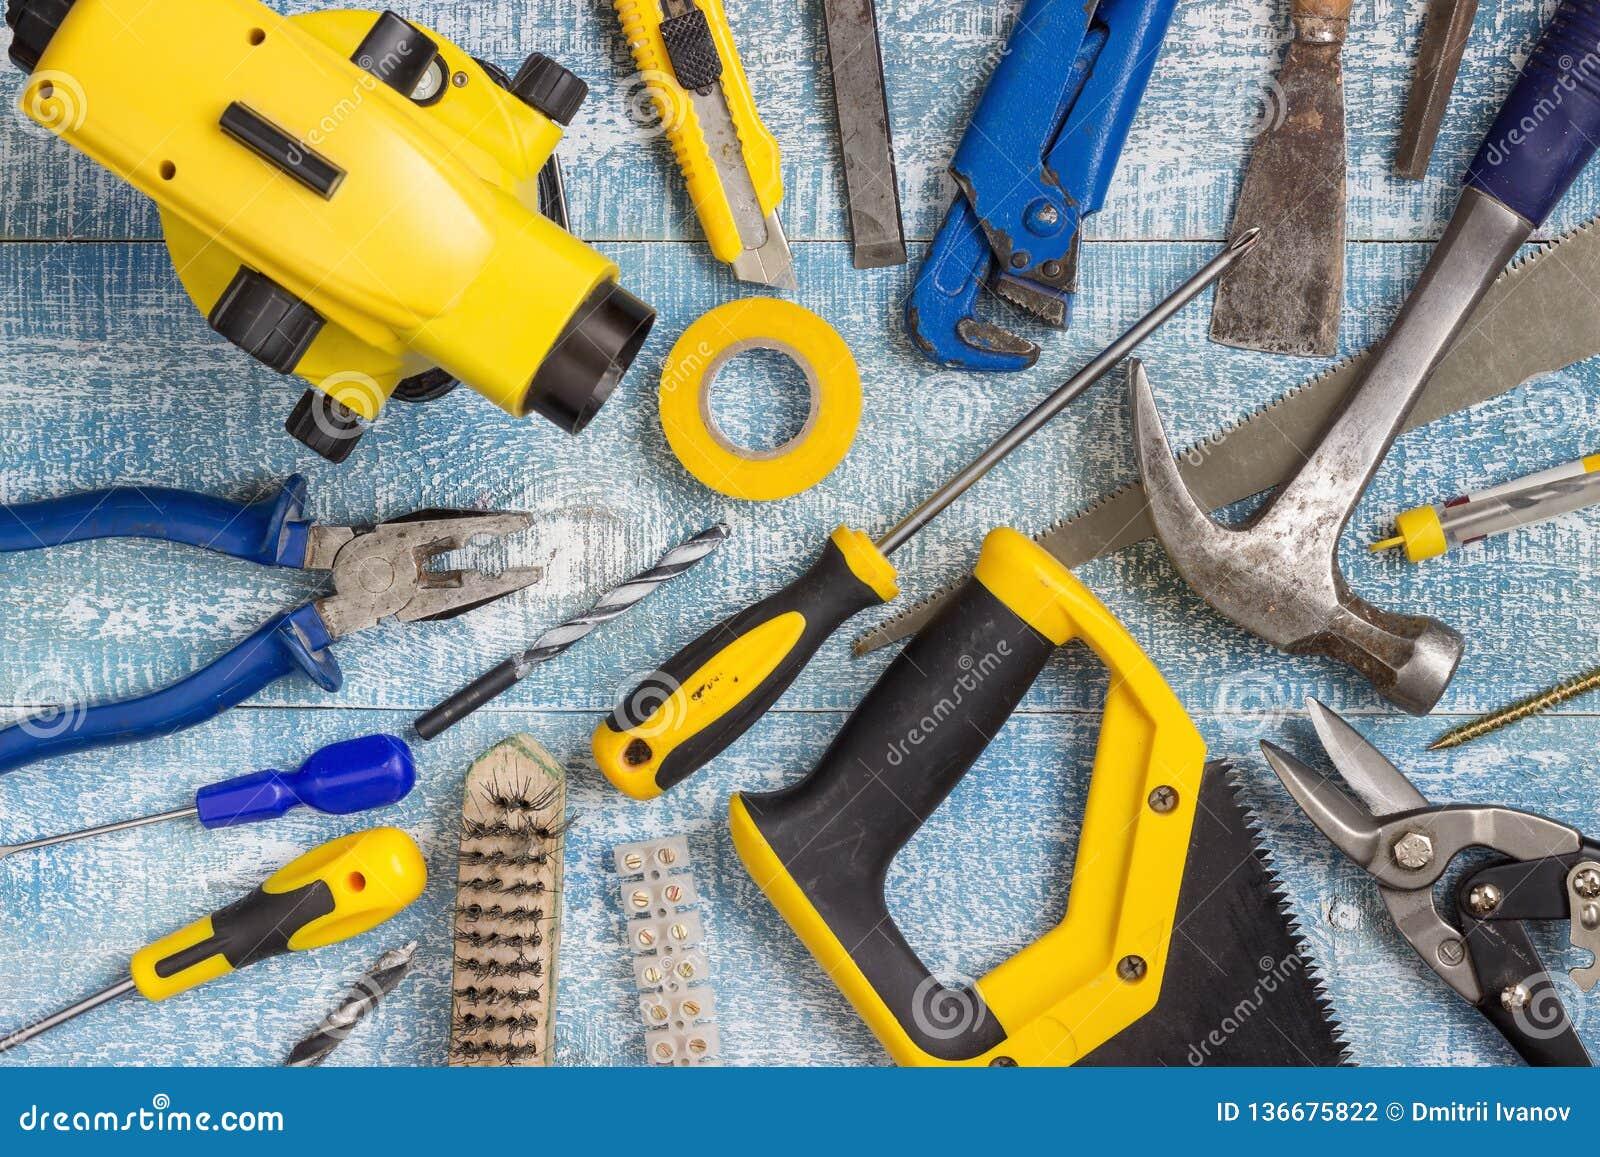 Εργαλεία και εξαρτήματα ανακαίνισης σπιτιών